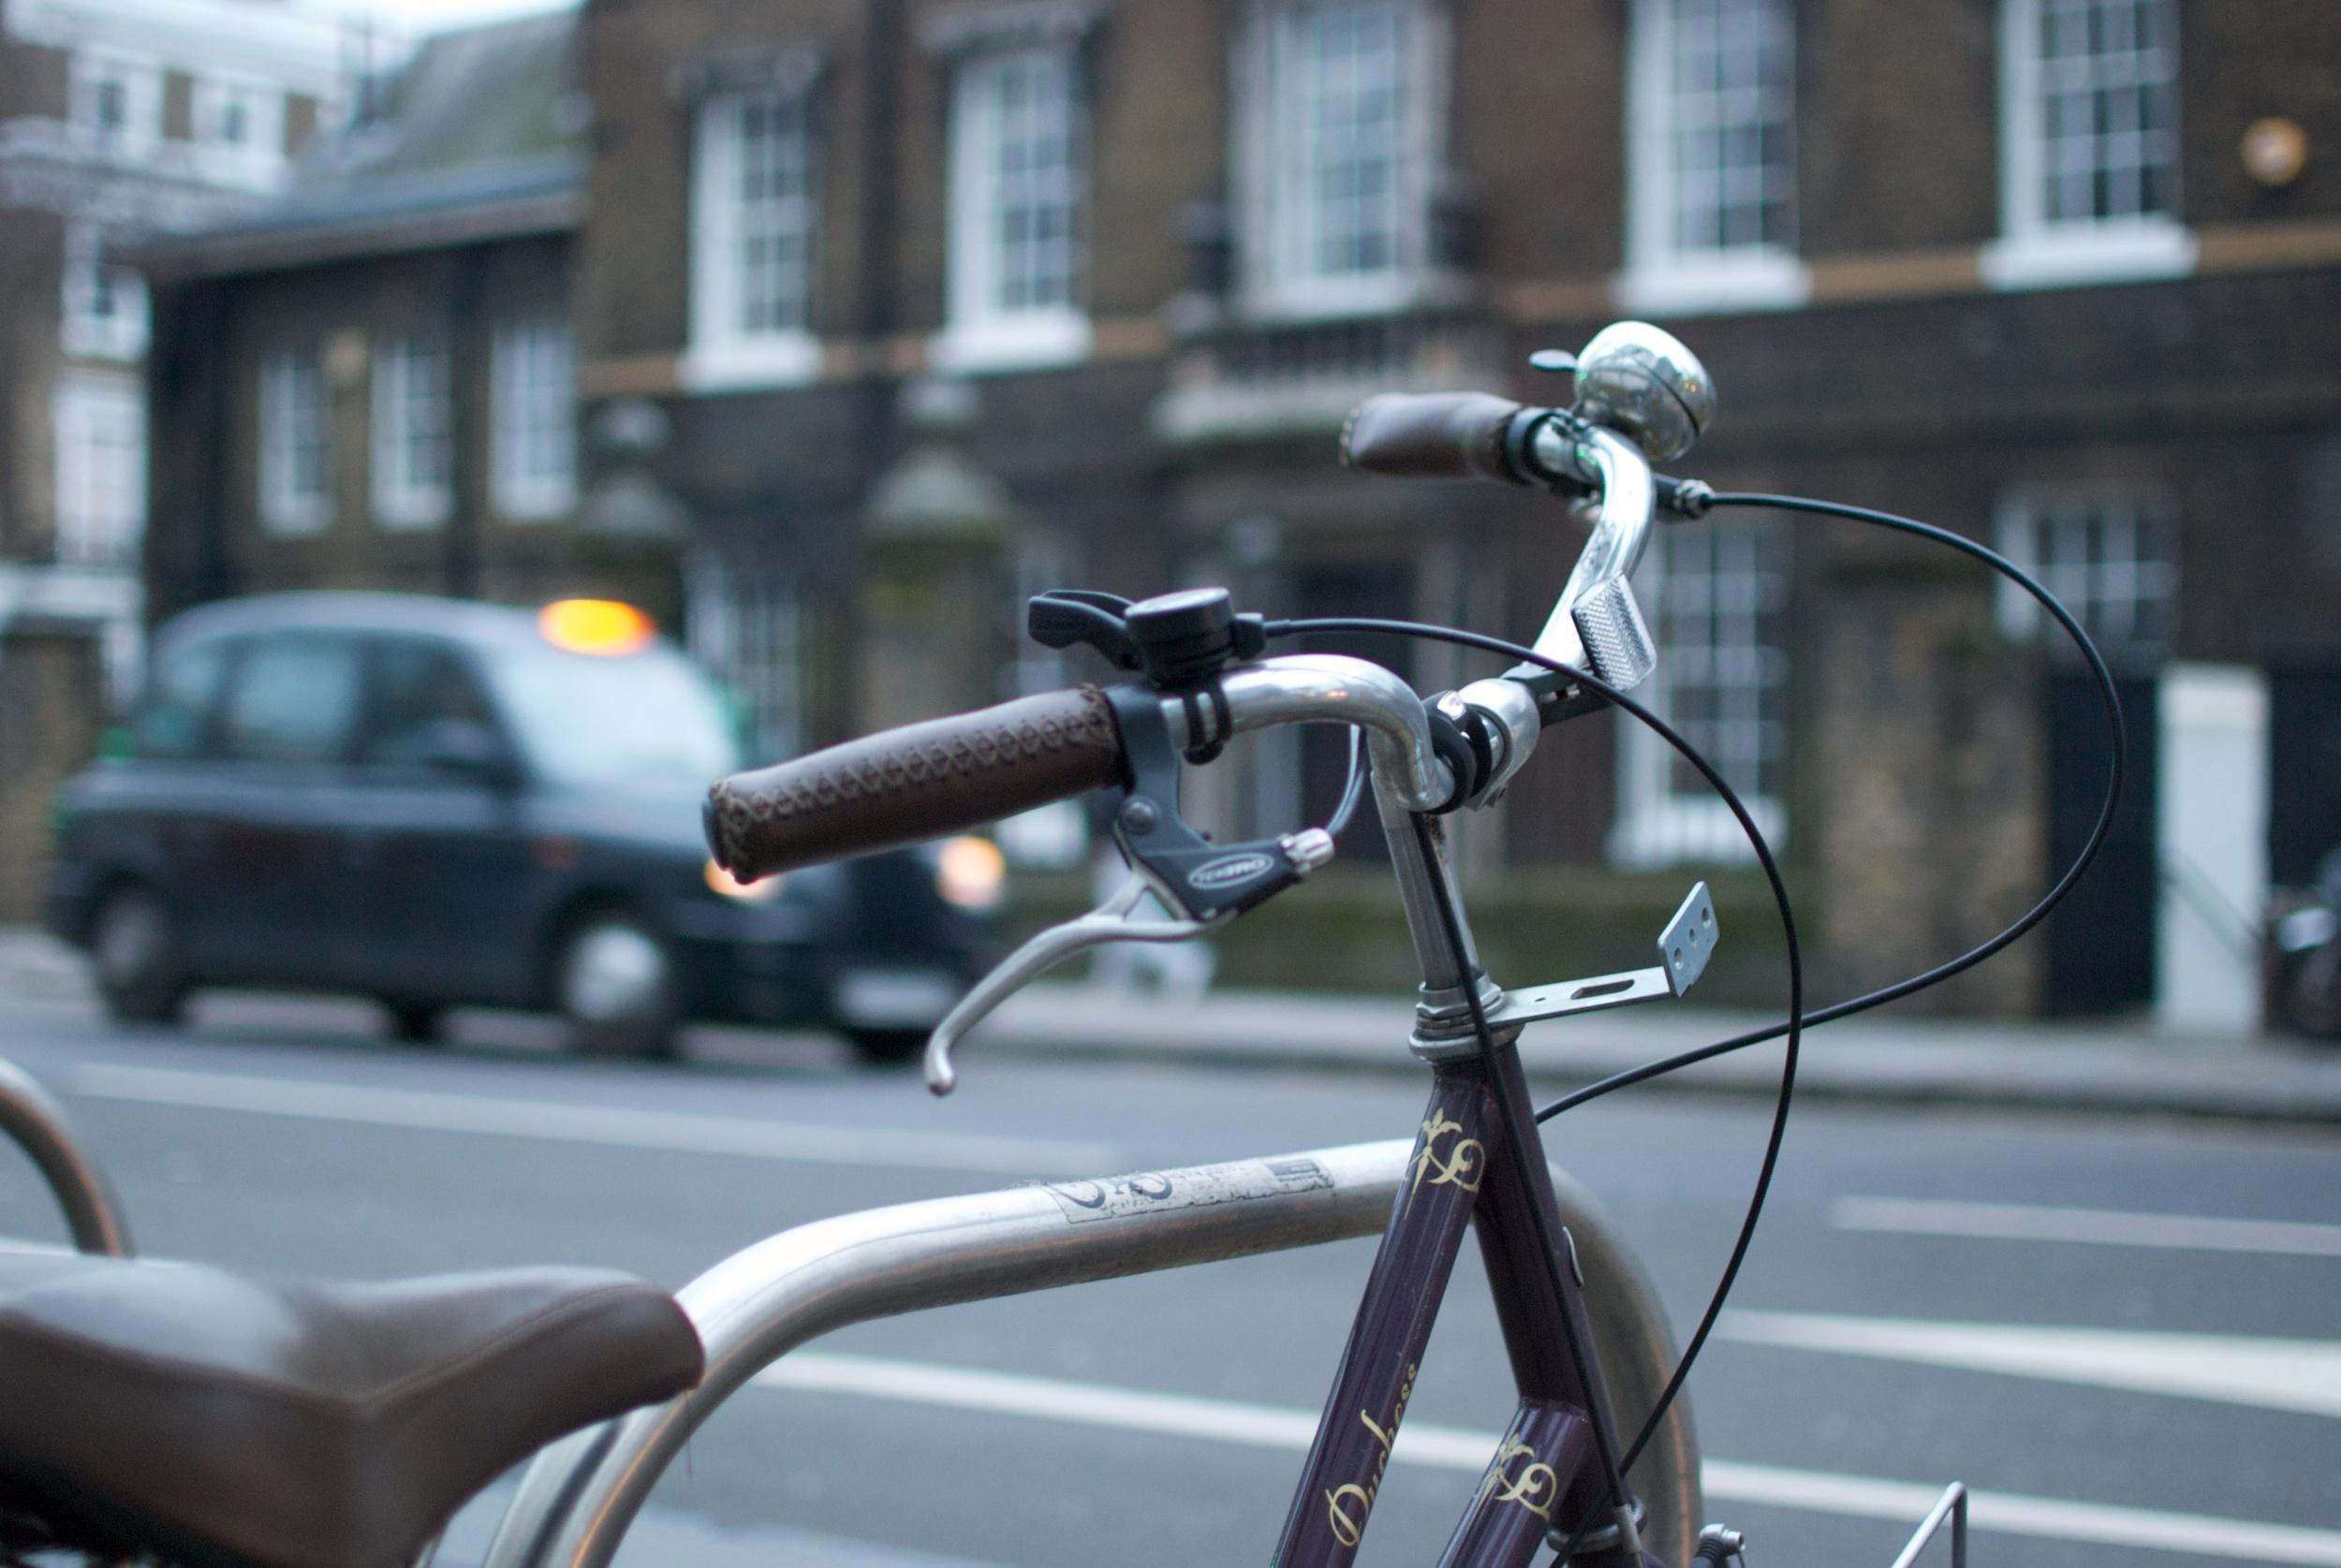 Chelsea bike